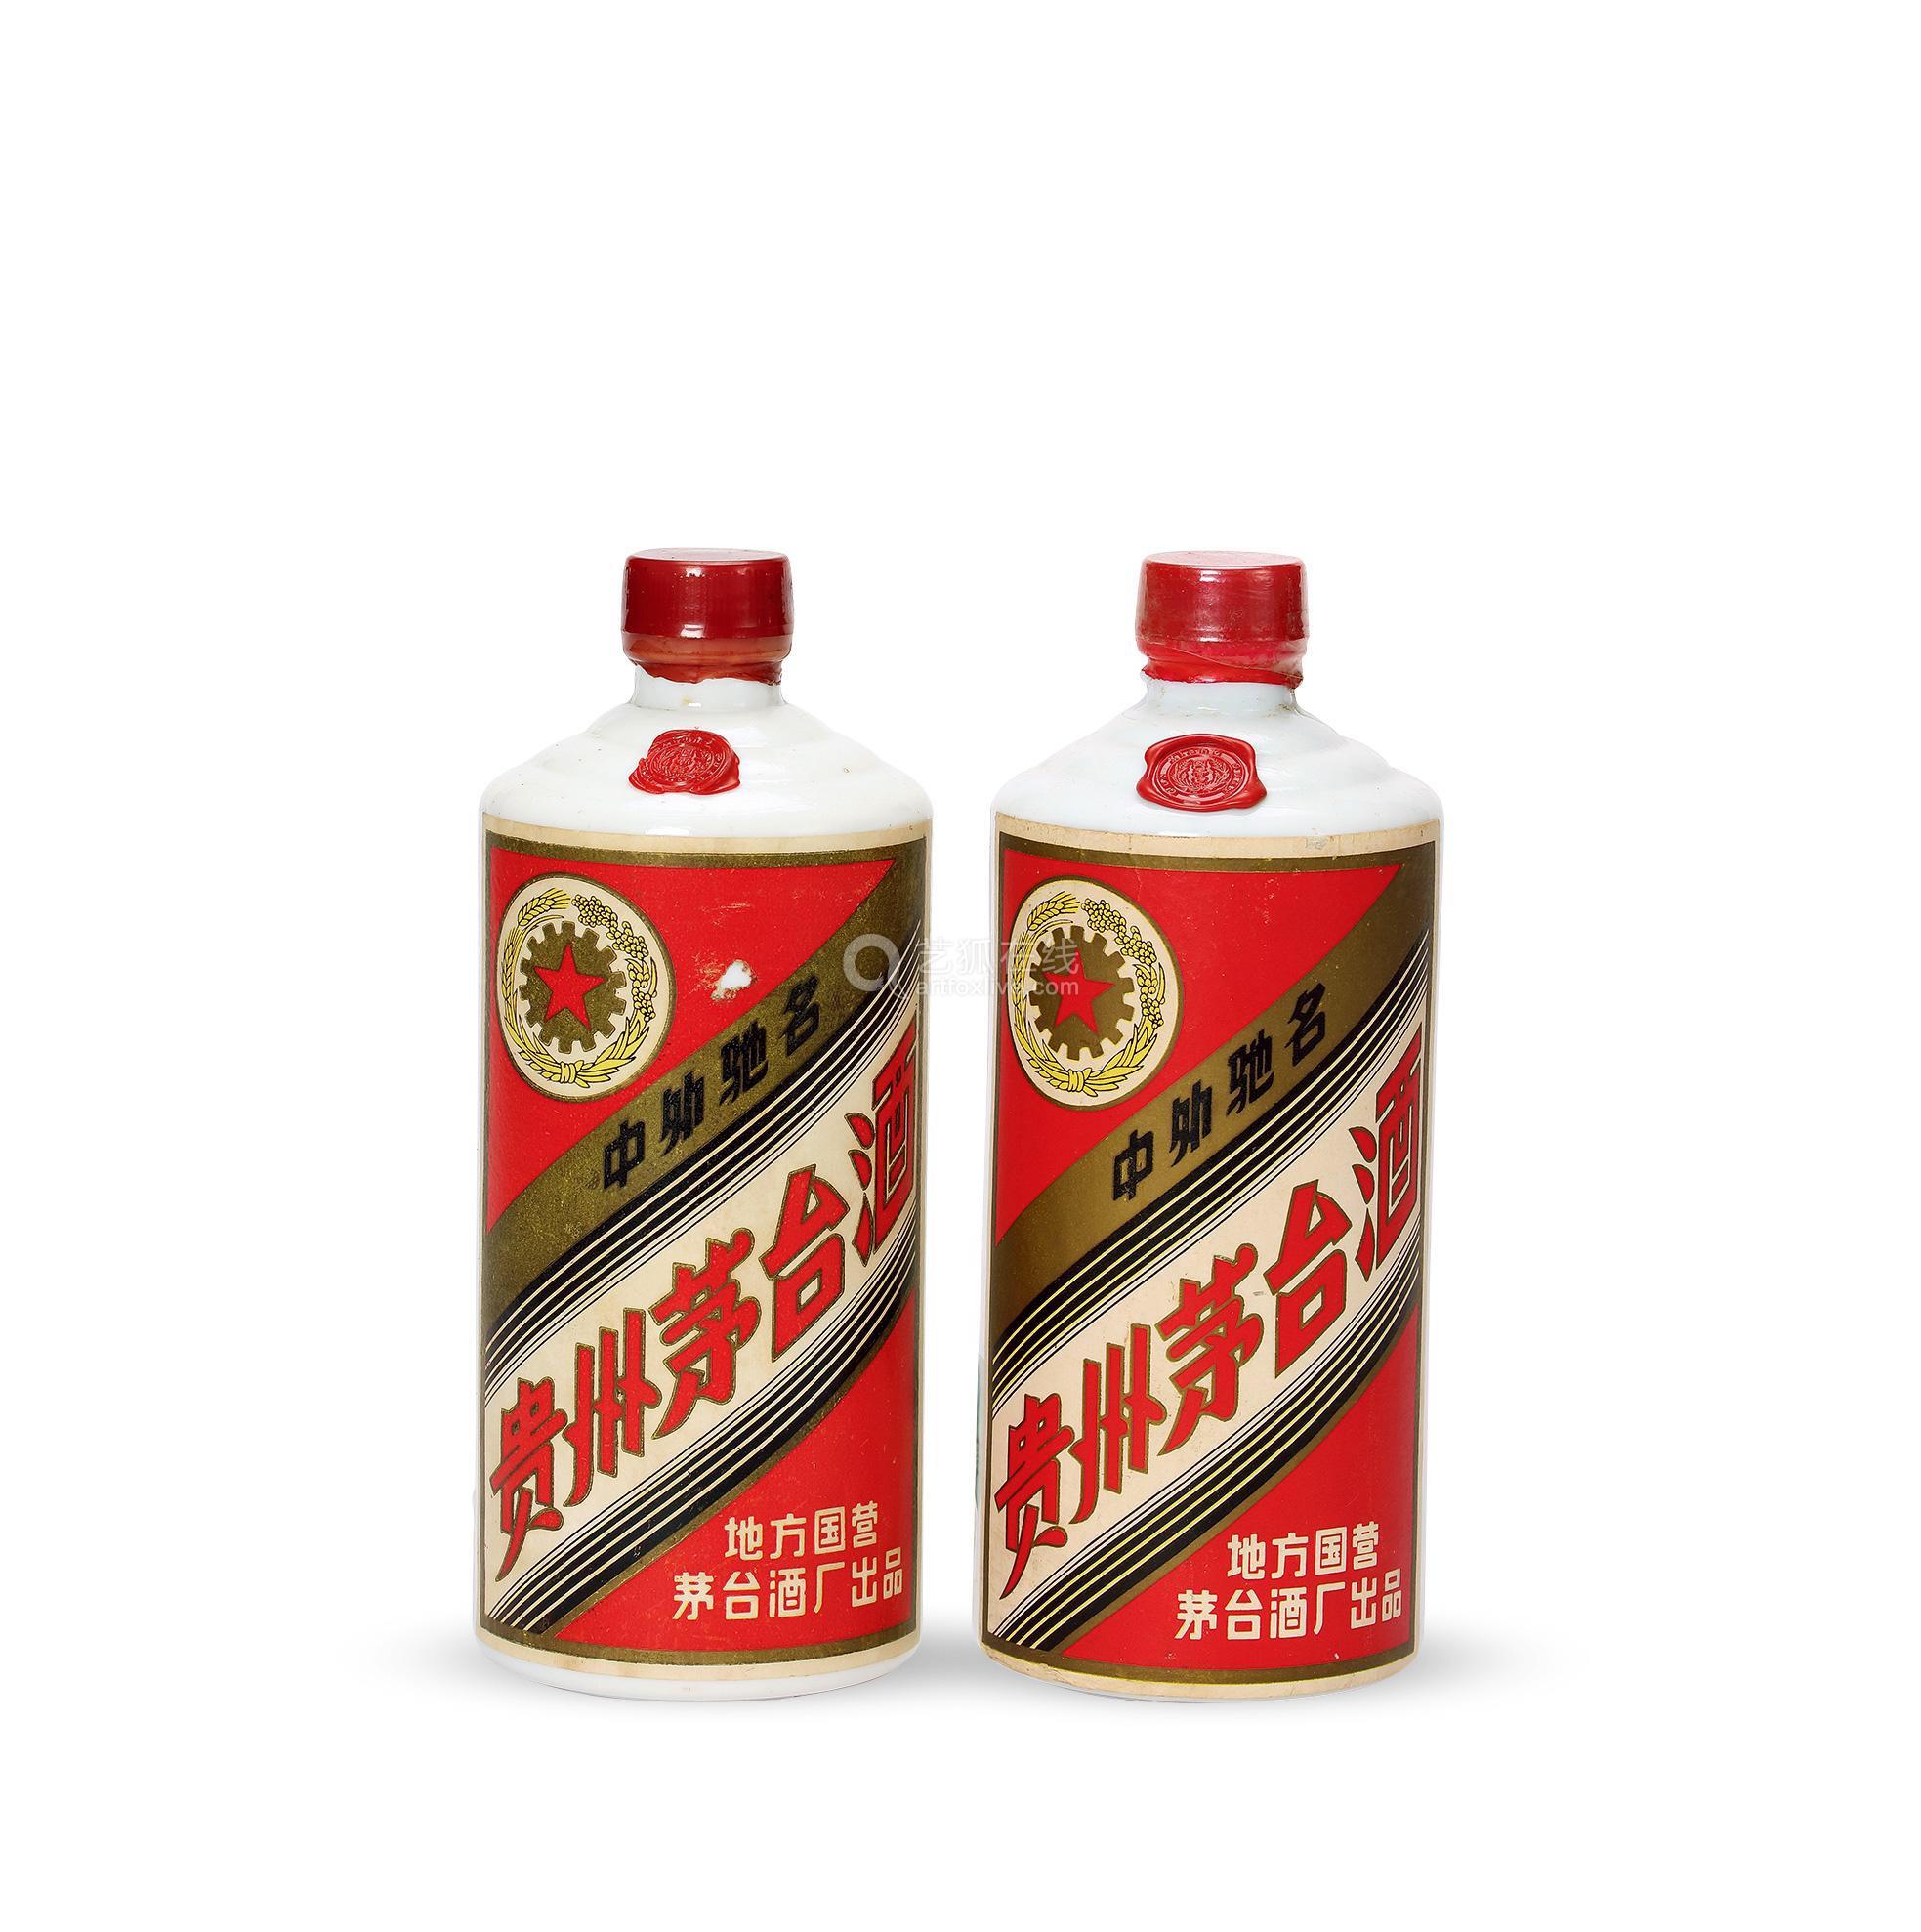 宜↓昌哪家高价回收烟酒